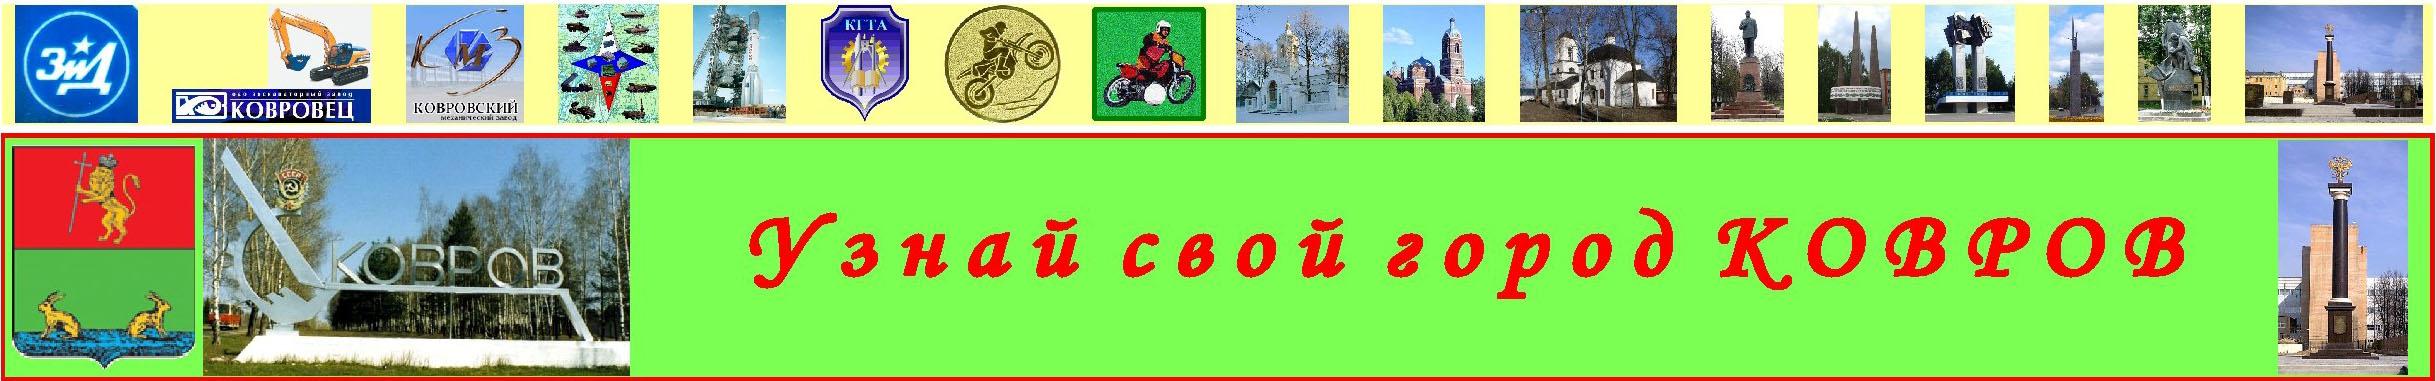 Узнай свой город Ковров